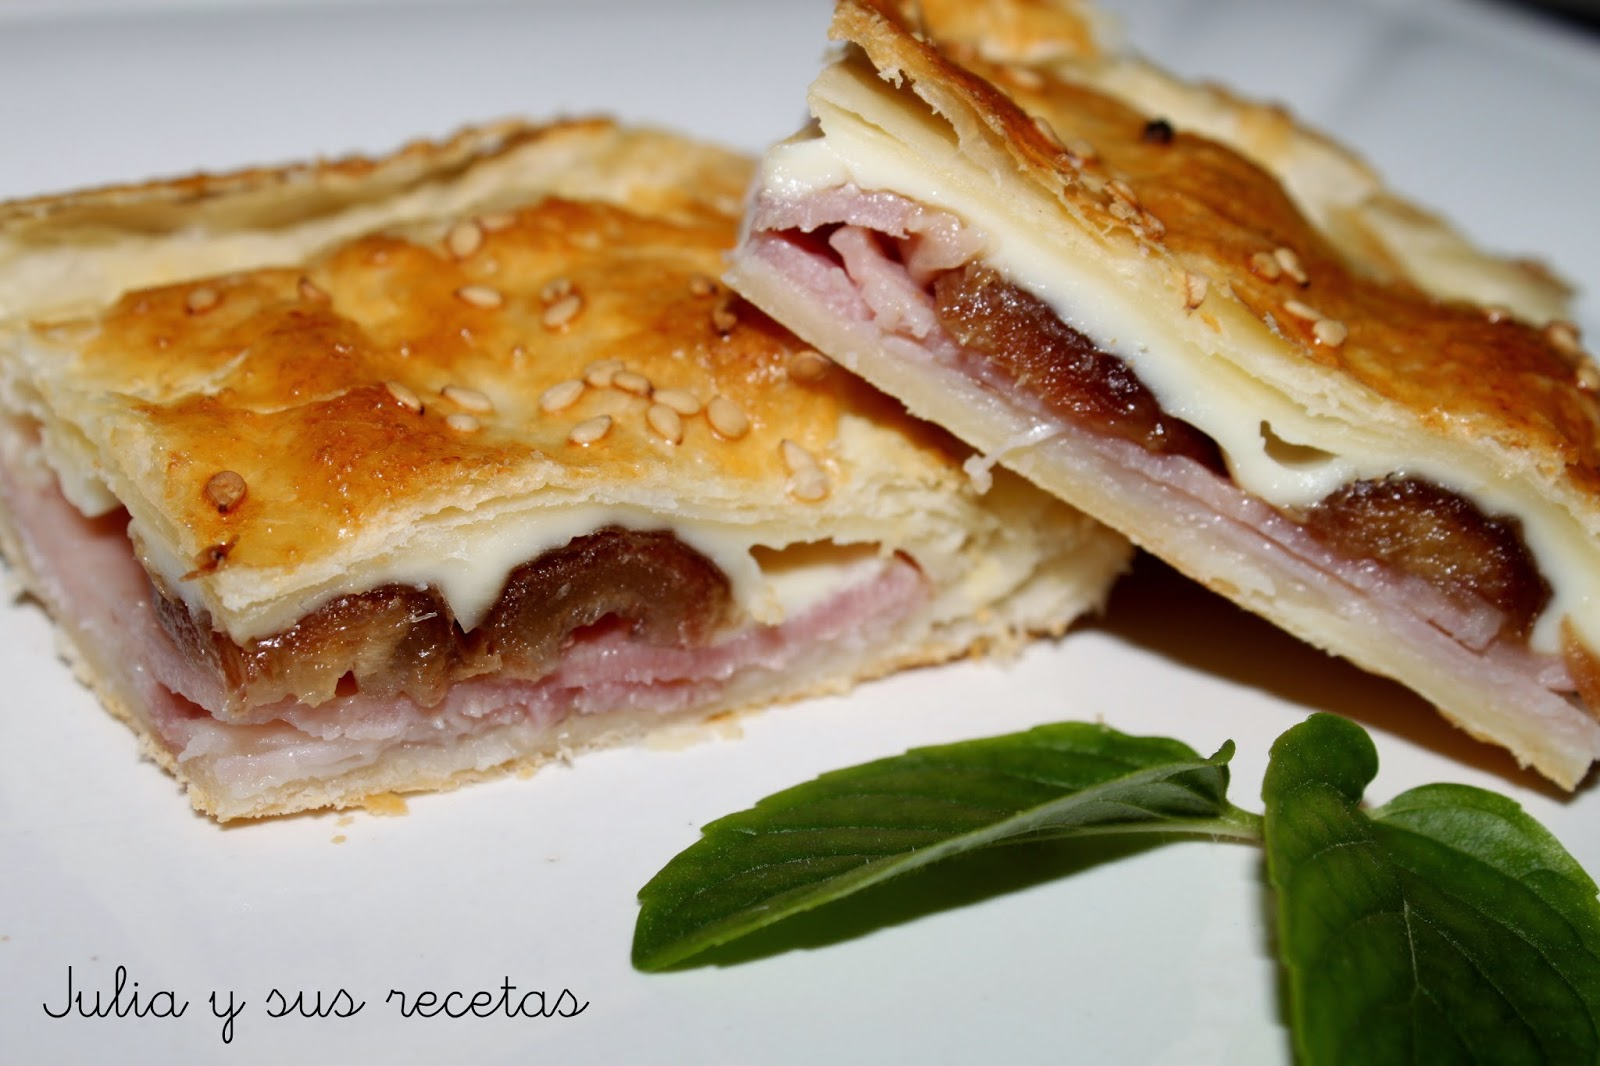 Empanada de dátiles y jamón. Julia y sus recetas